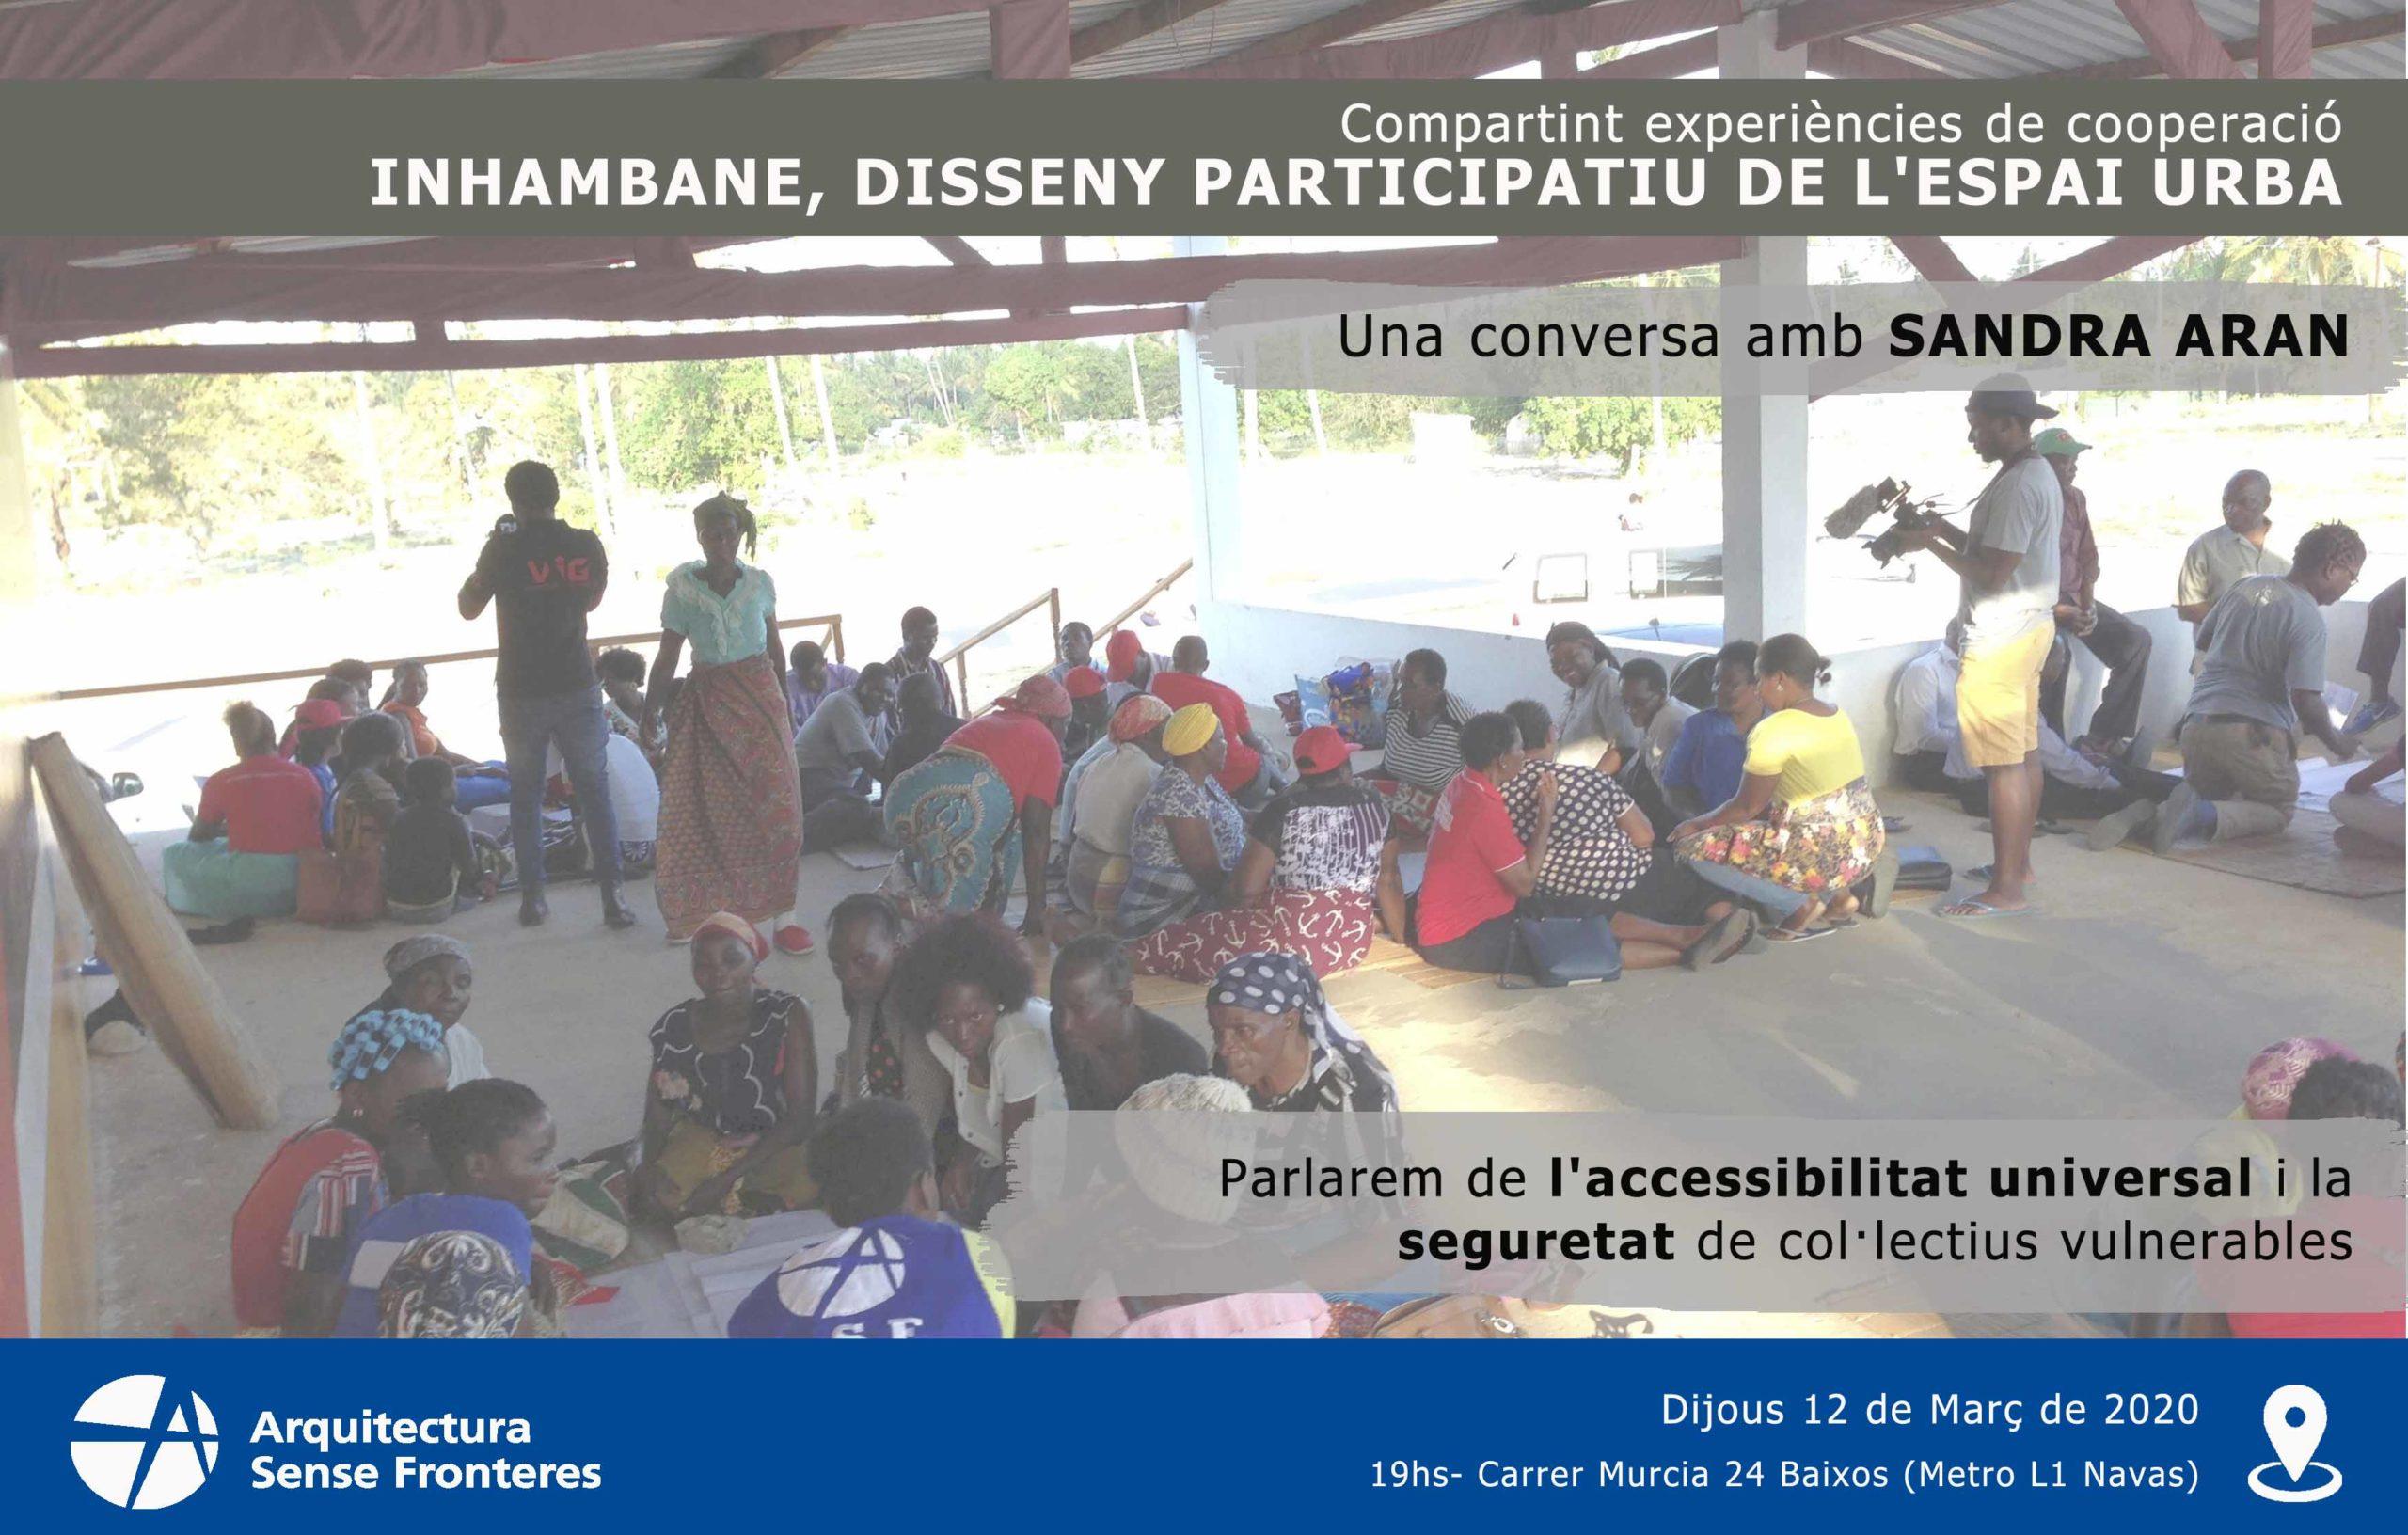 Compartint Experiències De Cooperació: Inhambane, Disseny Participatiu De L'espai Urbà